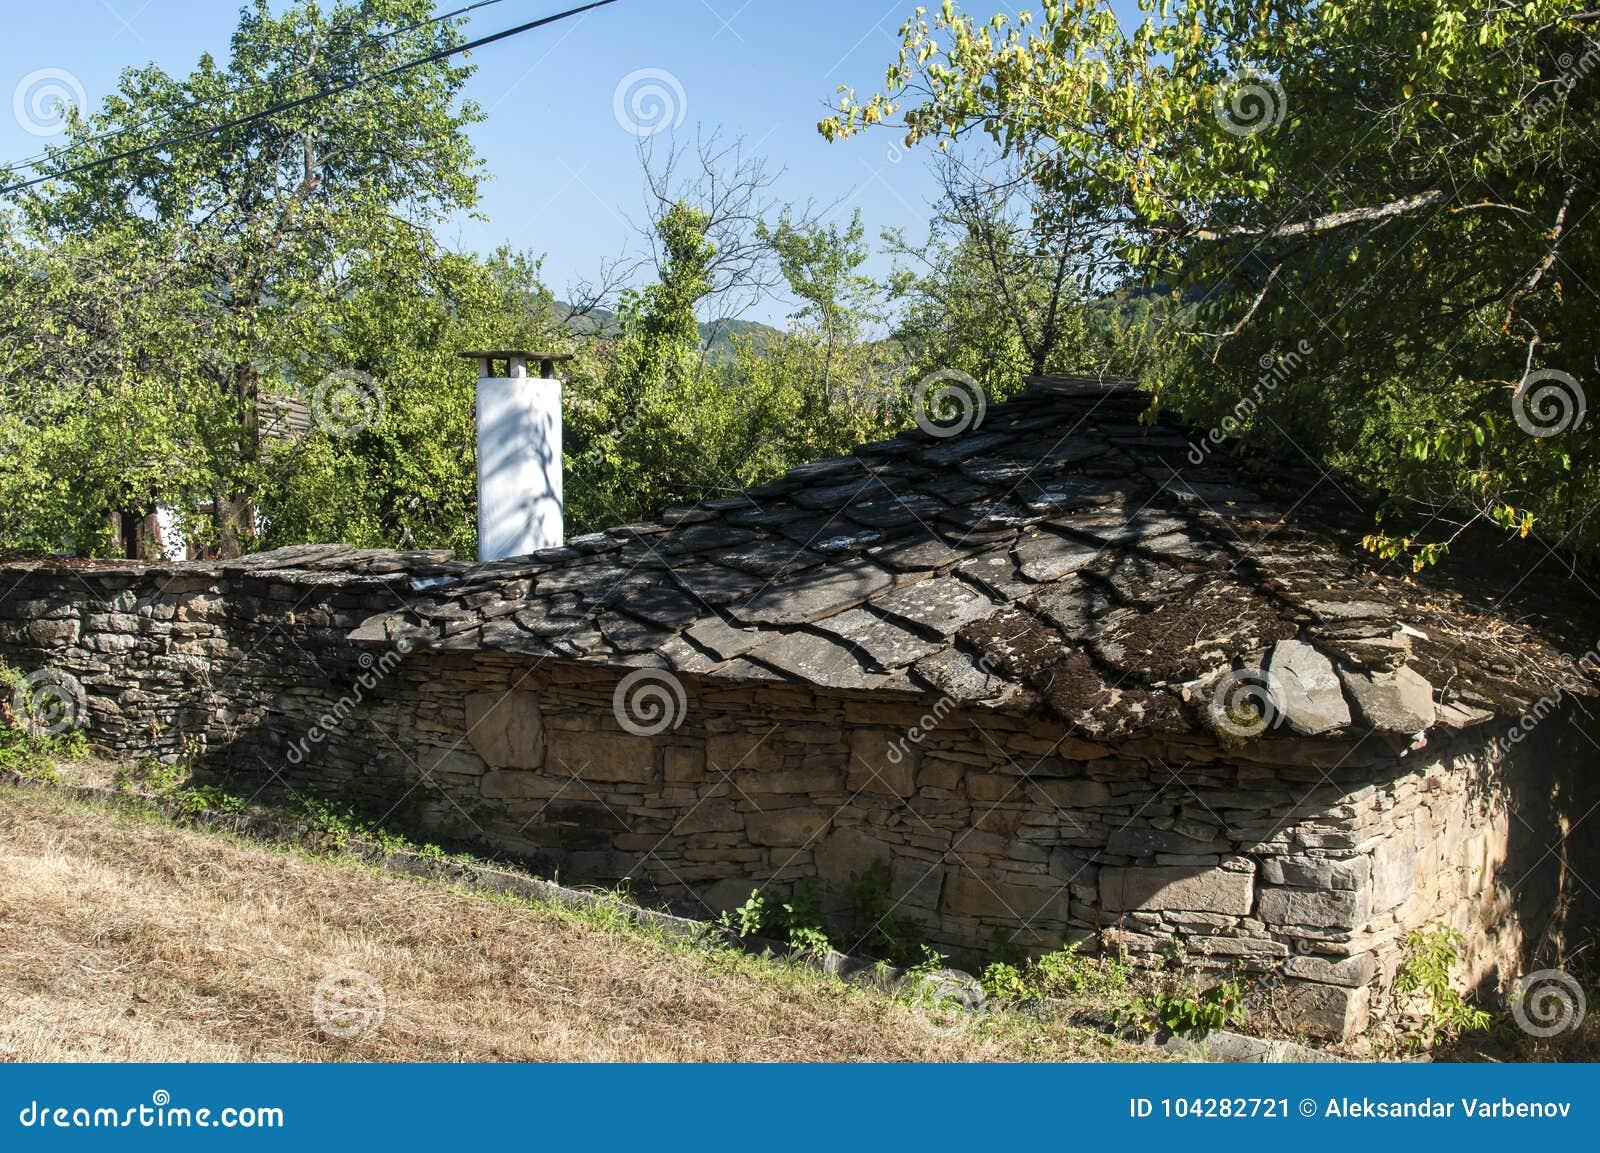 Case Di Campagna In Pietra : Vecchia casa di campagna di pietra immagine stock immagine di